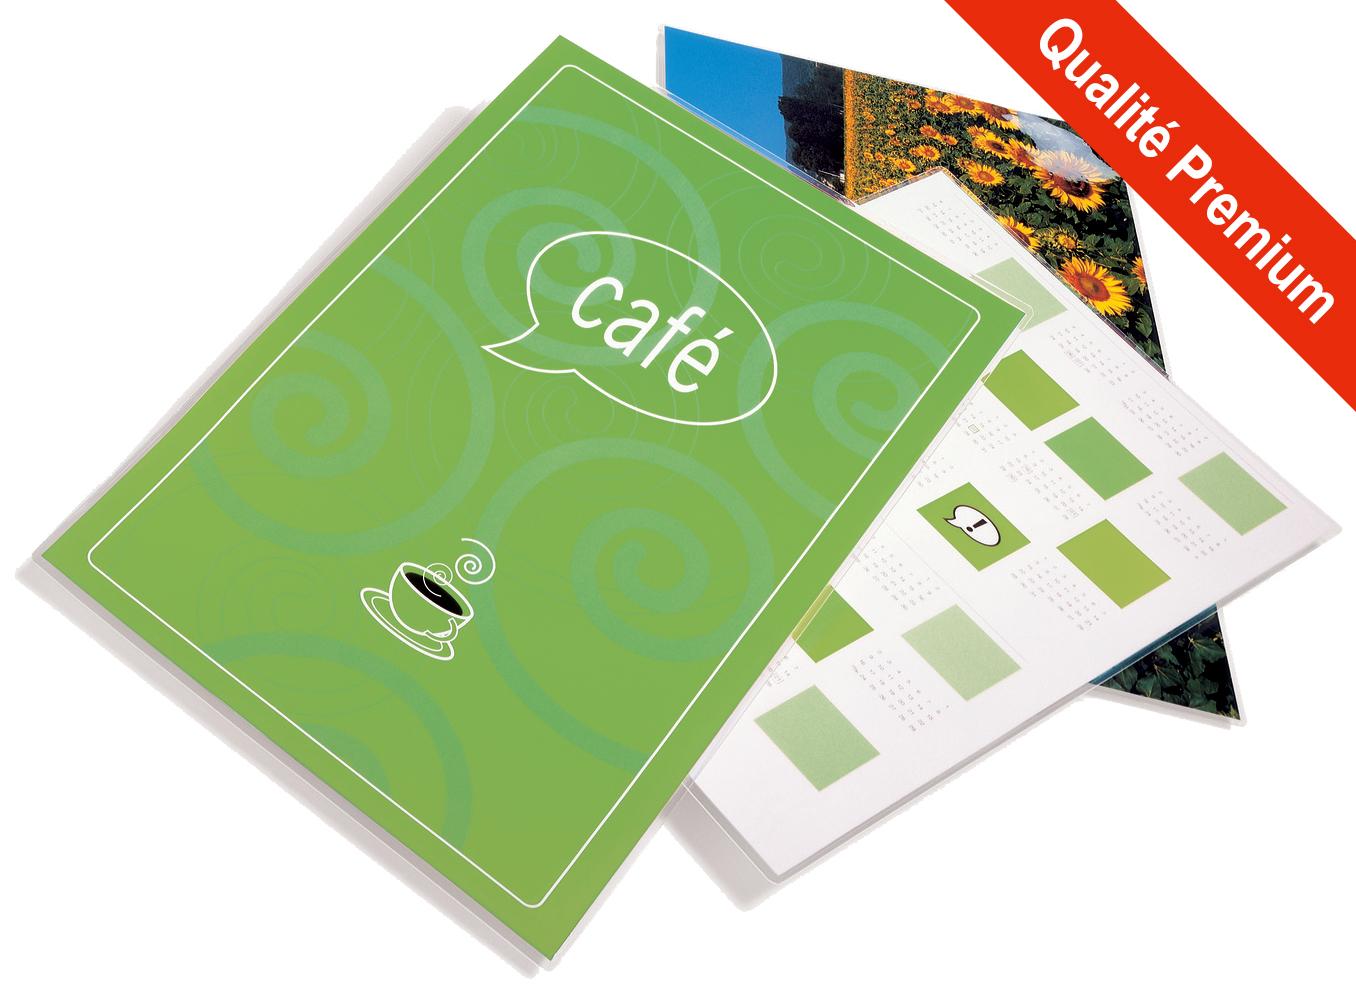 Pochettes finition Mat - Format A4 - 303 x 216 mm - <span style='font-weight:bold; color:#E82C0C;'>Qualité Premium</span>